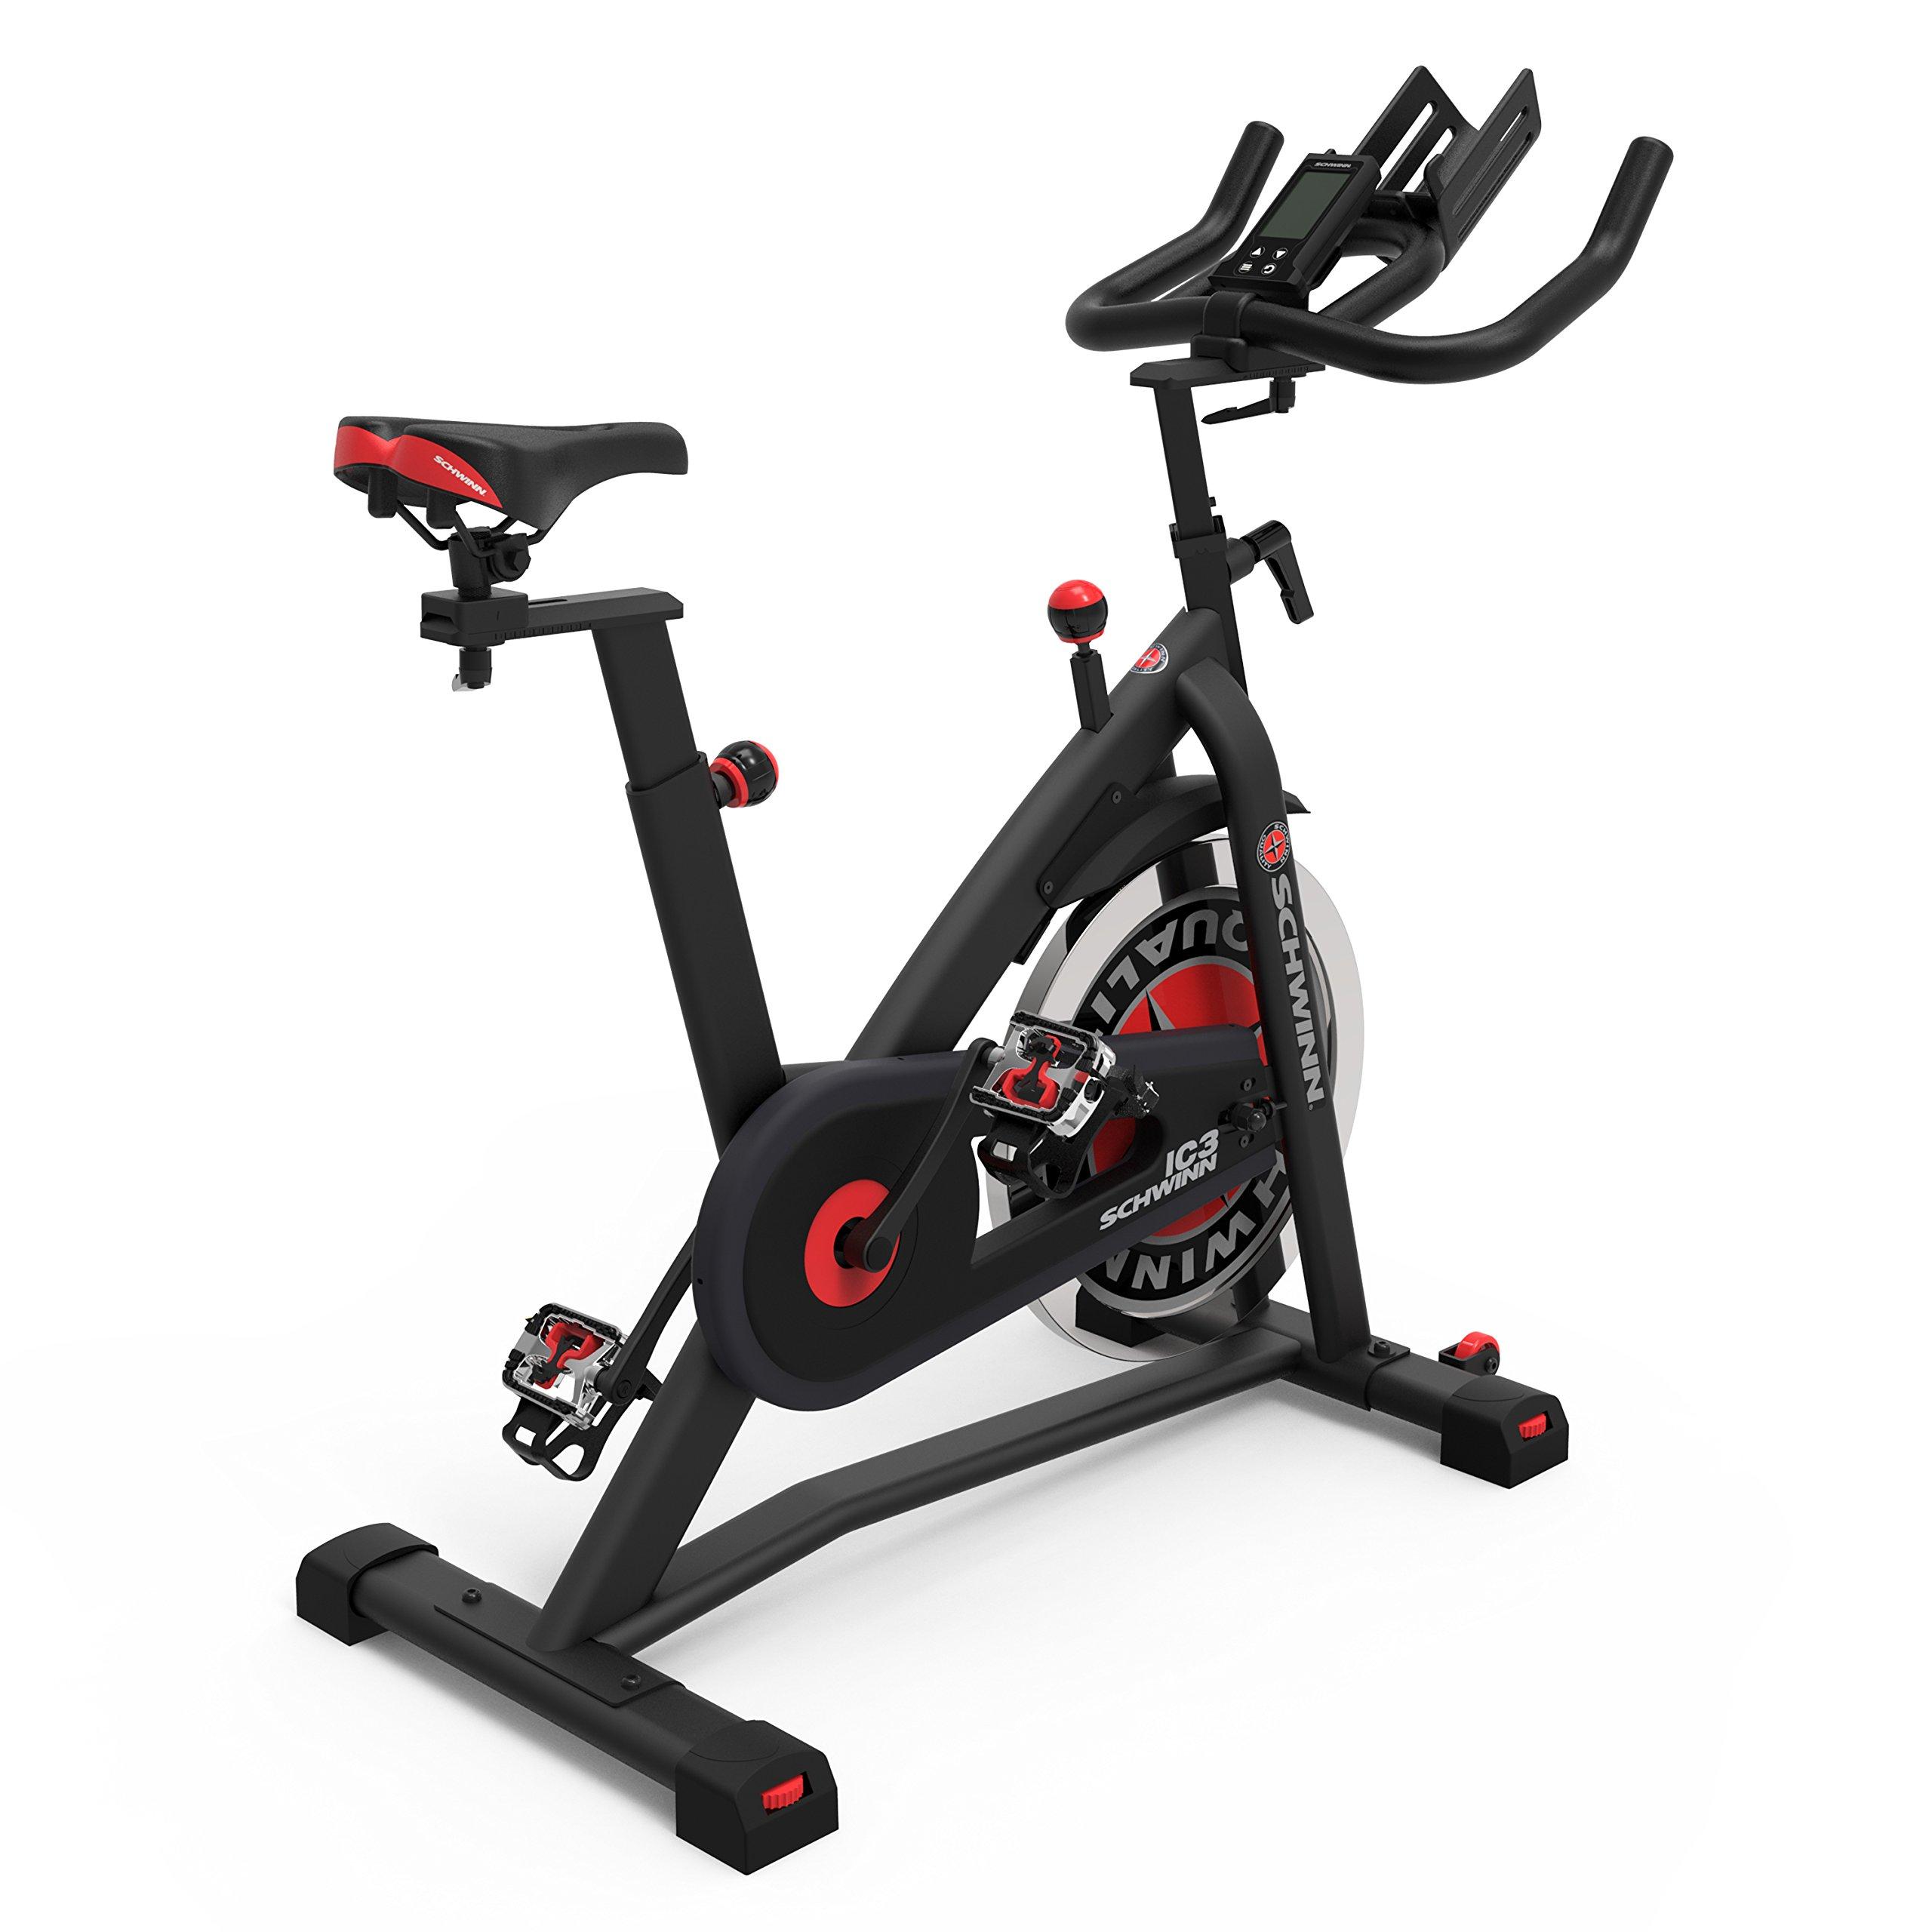 Schwinn IC3 spin bike